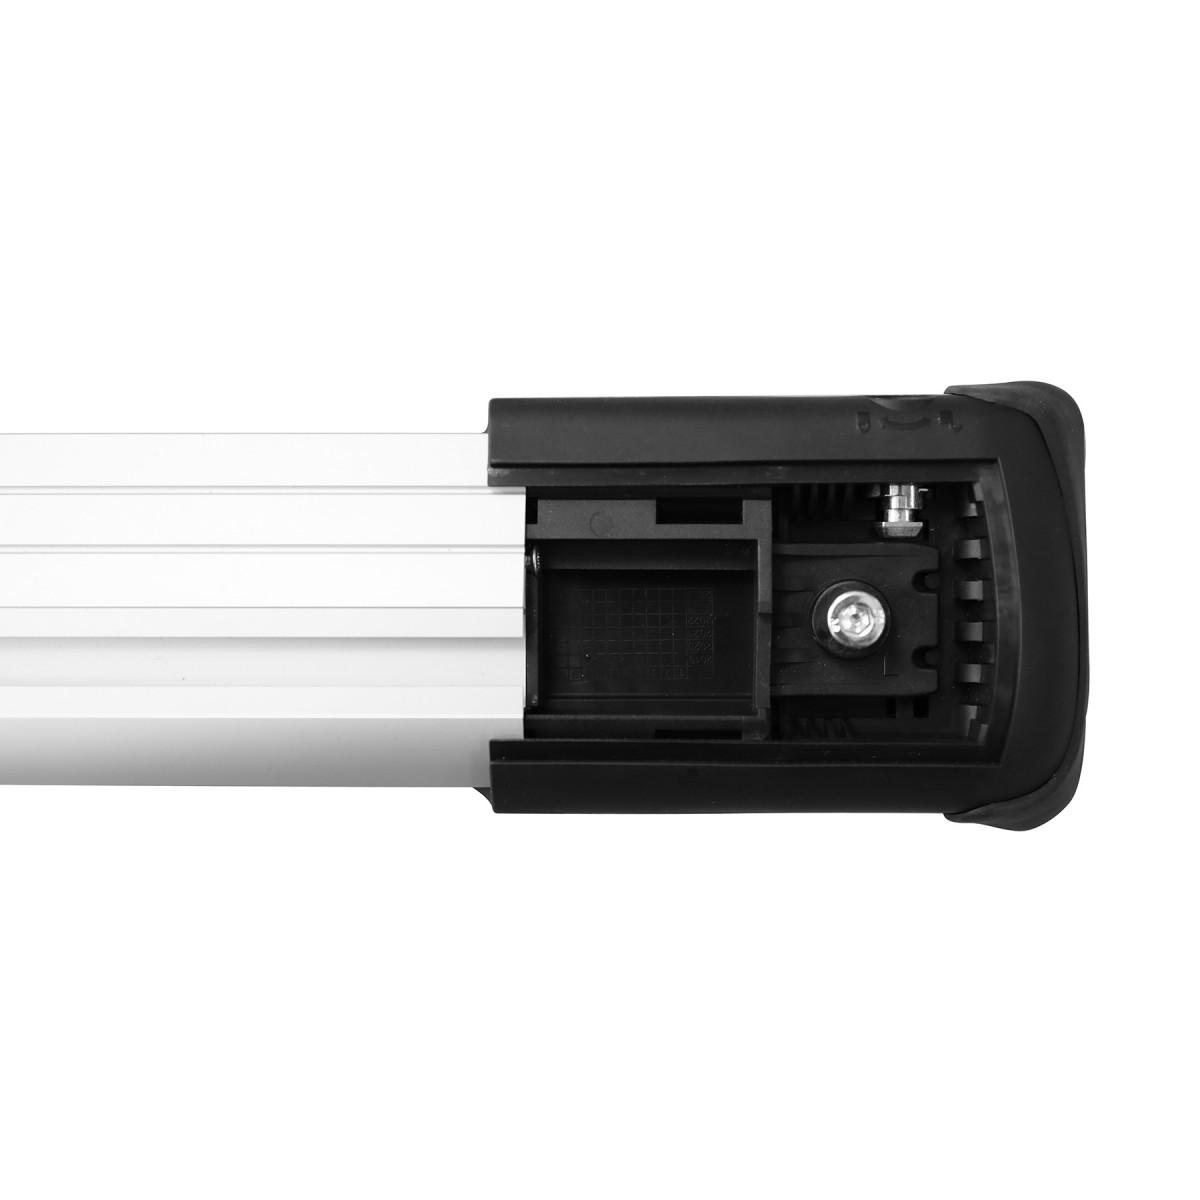 Багажник на рейлинги Lux Хантер L54-R серебристый